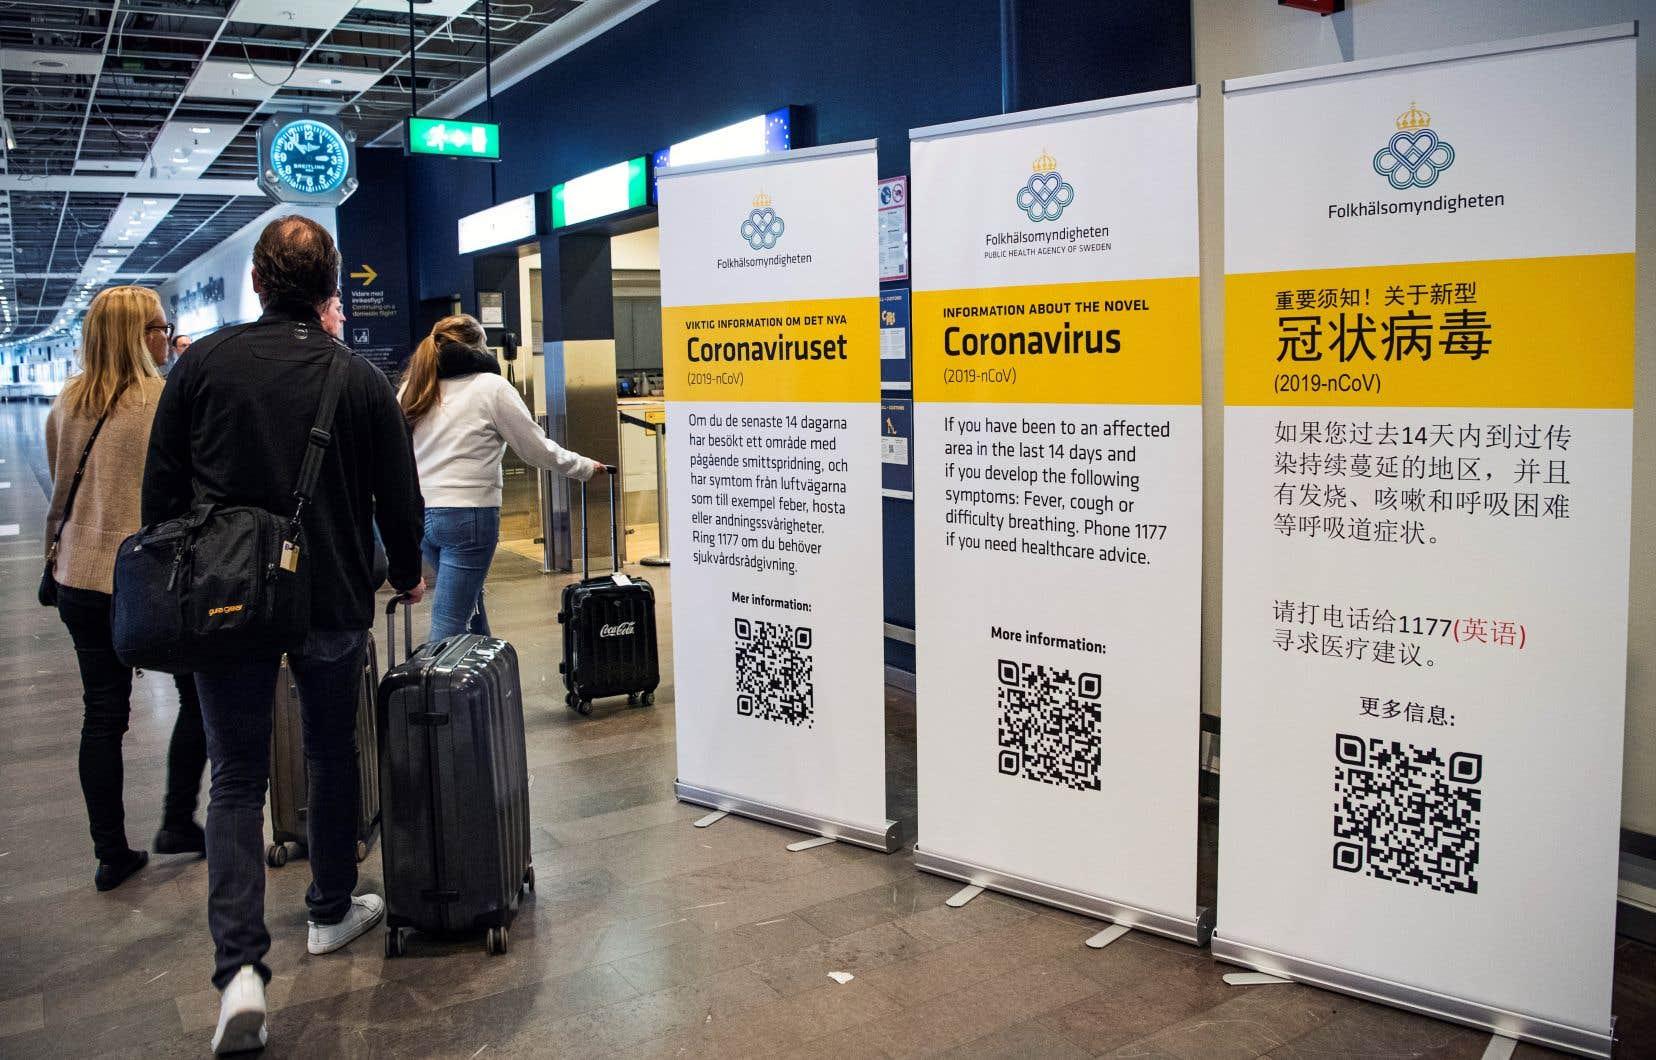 Surprise par la rapidité de la propagation du COVID-19, l'Association internationale du transport aérien a revu en hausse son estimation des pertes de revenus dans le transport passagers.